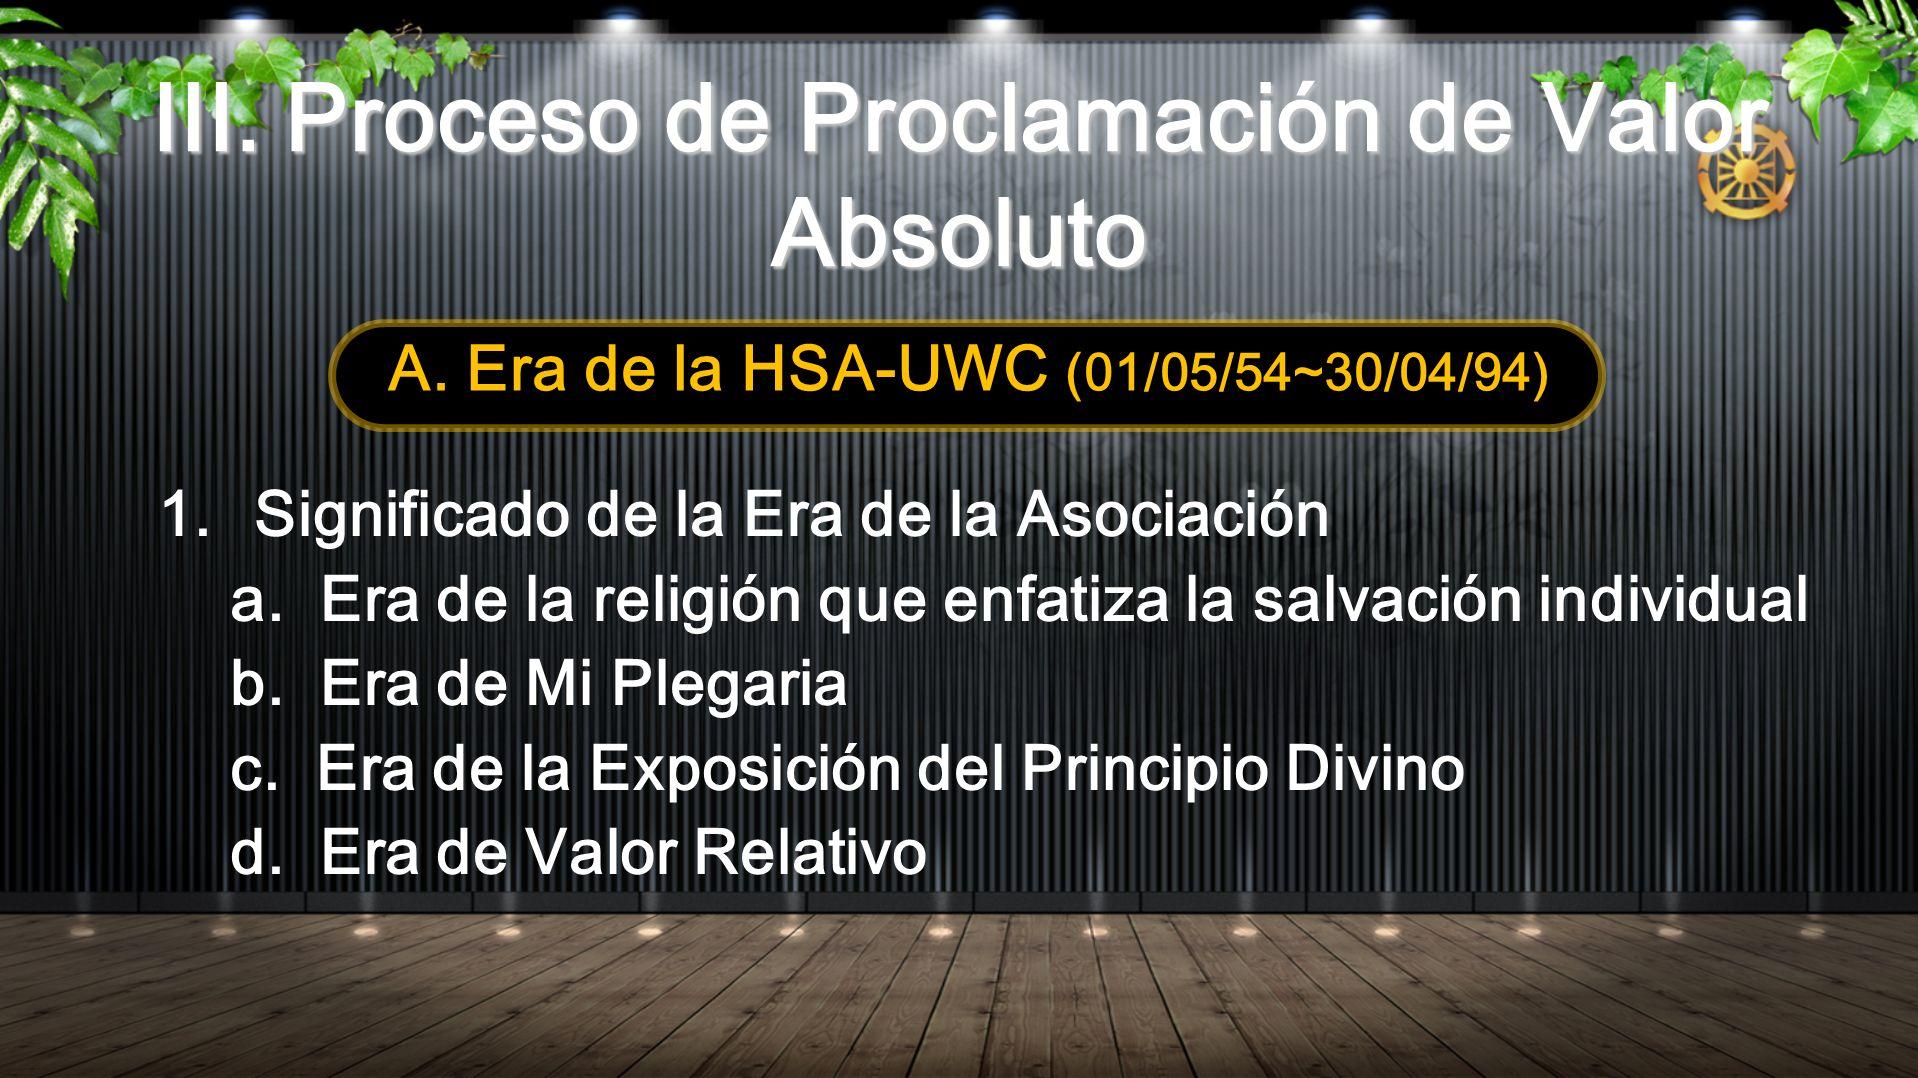 III. Proceso de Proclamación de Valor Absoluto A. Era de la HSA-UWC (01/05/54~30/04/94) 1.Significado de la Era de la Asociación a. Era de la religión